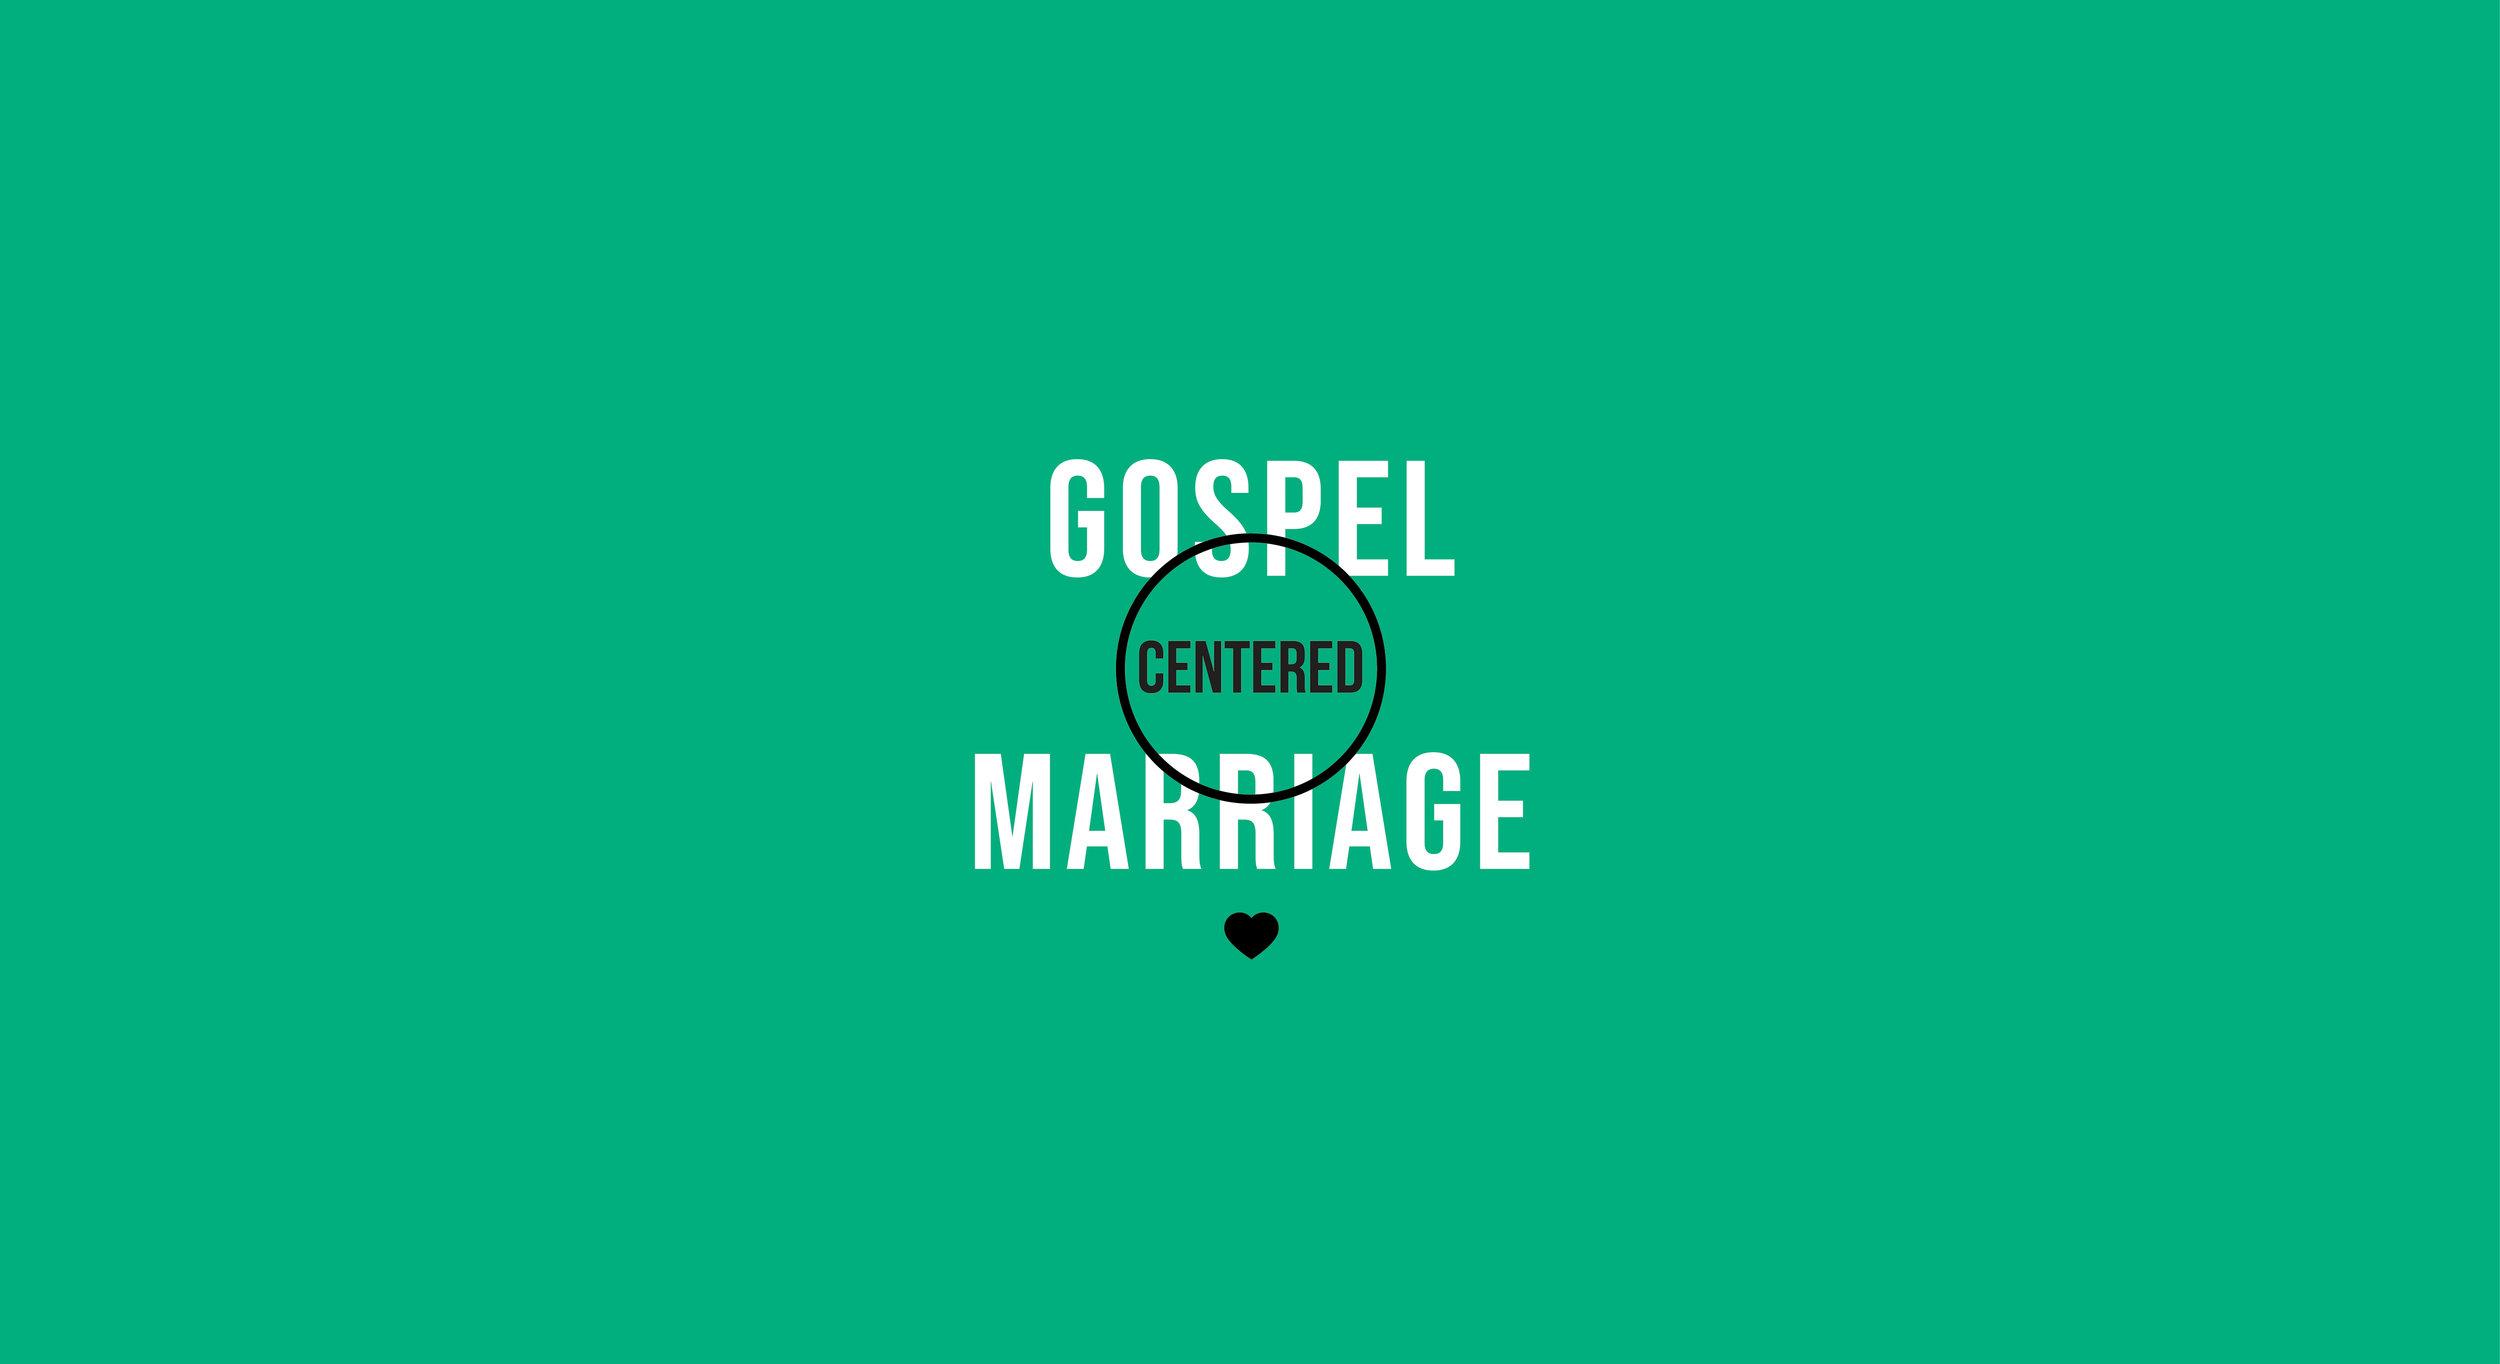 Gospel Centered Marriage.jpg